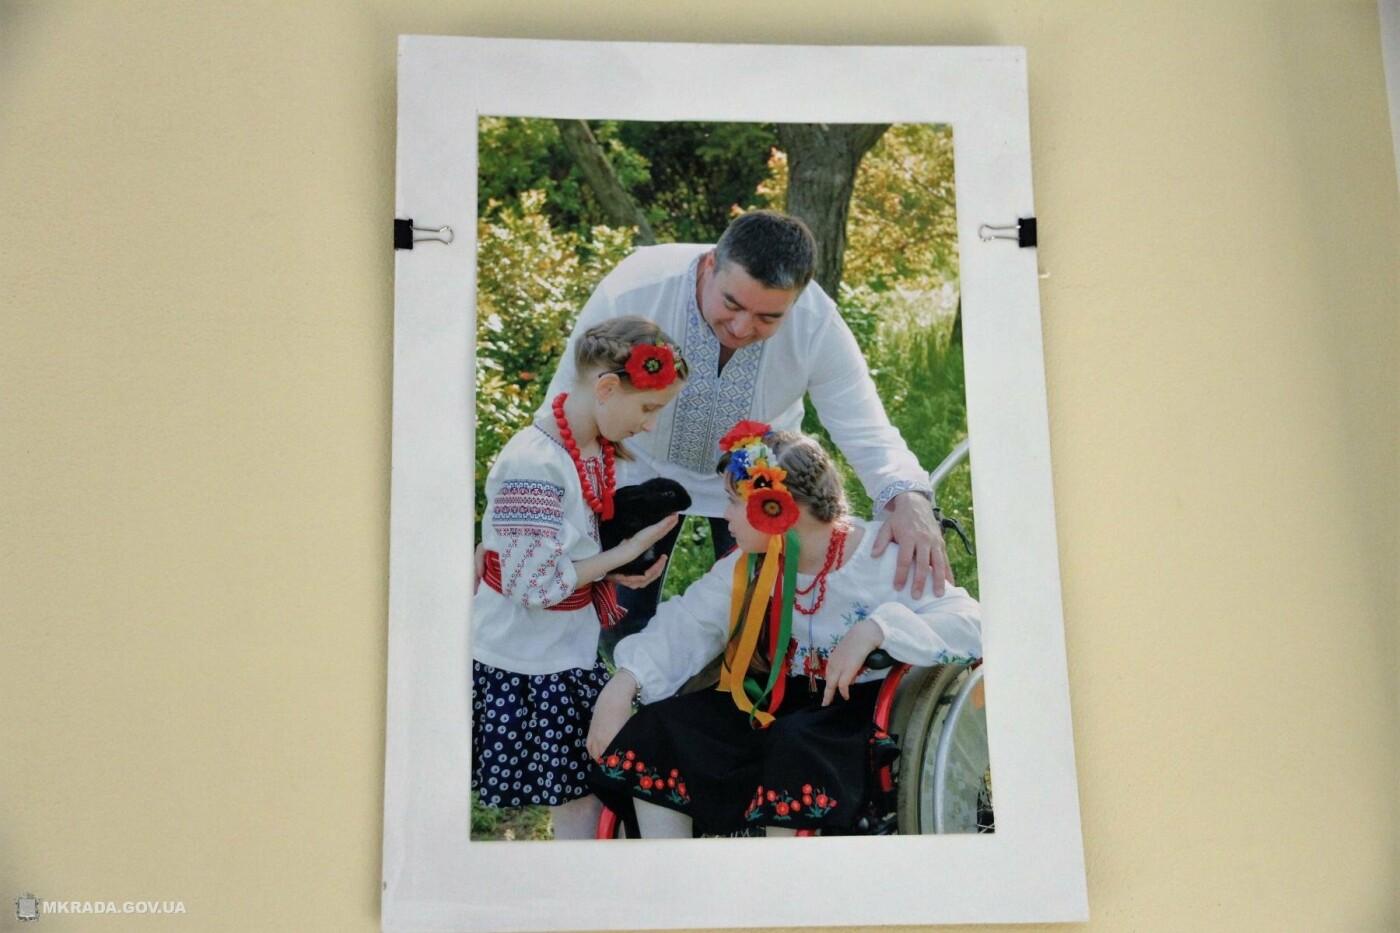 В Николаевском горсовете открылась фотовыставка «Мы - неповторимы!», - ФОТО, фото-3